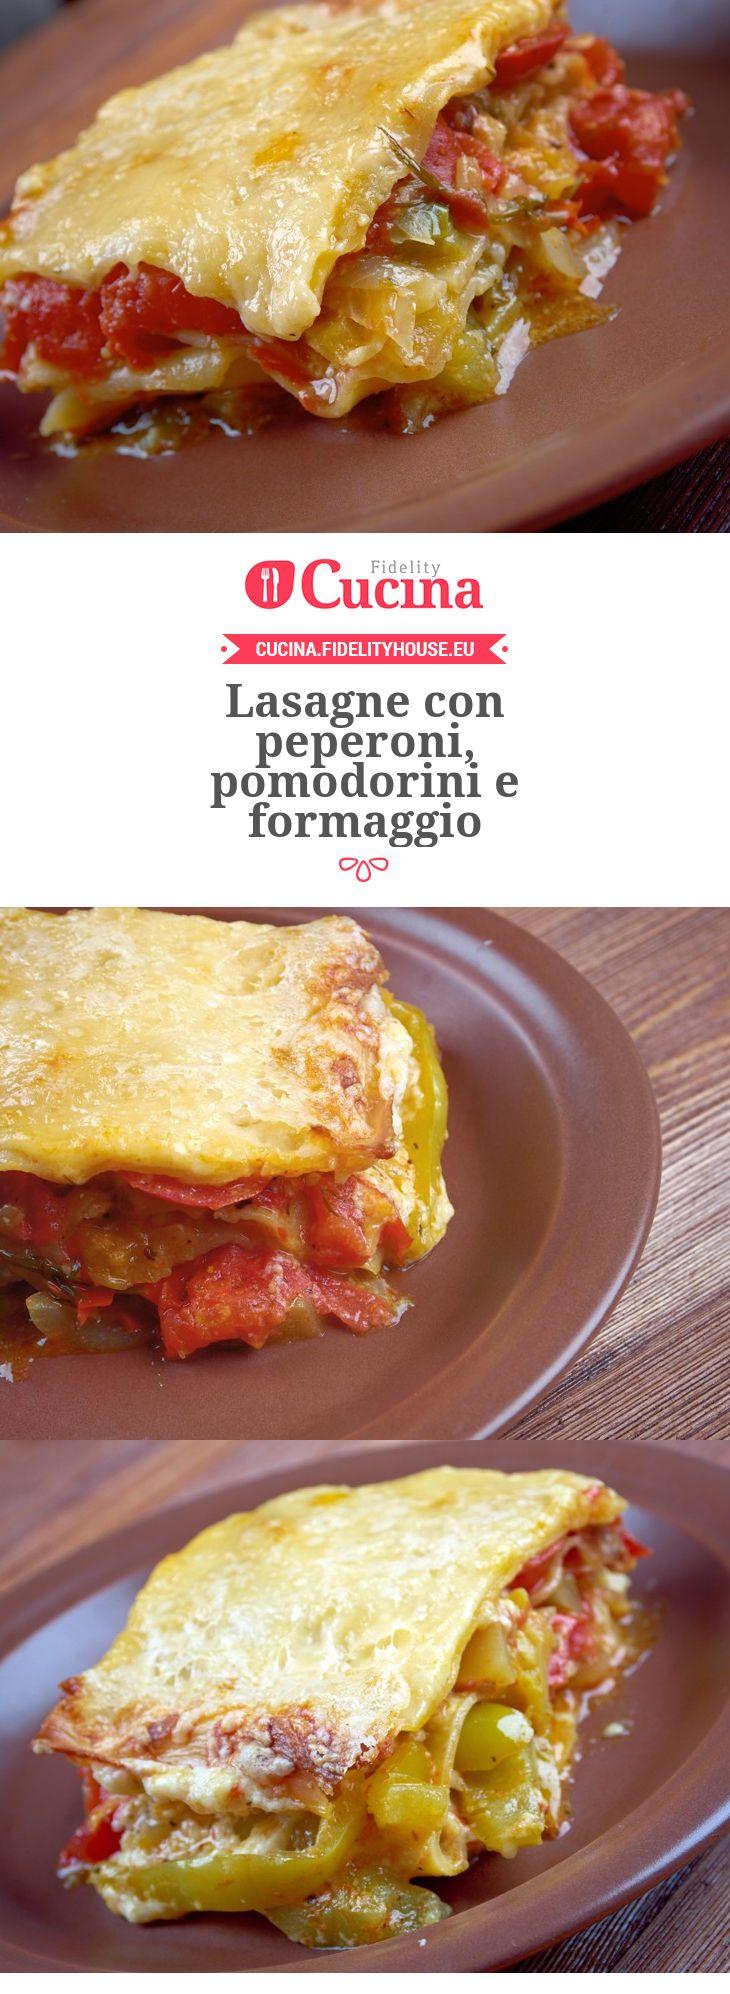 Lasagne con peperoni, pomodorini e formaggio